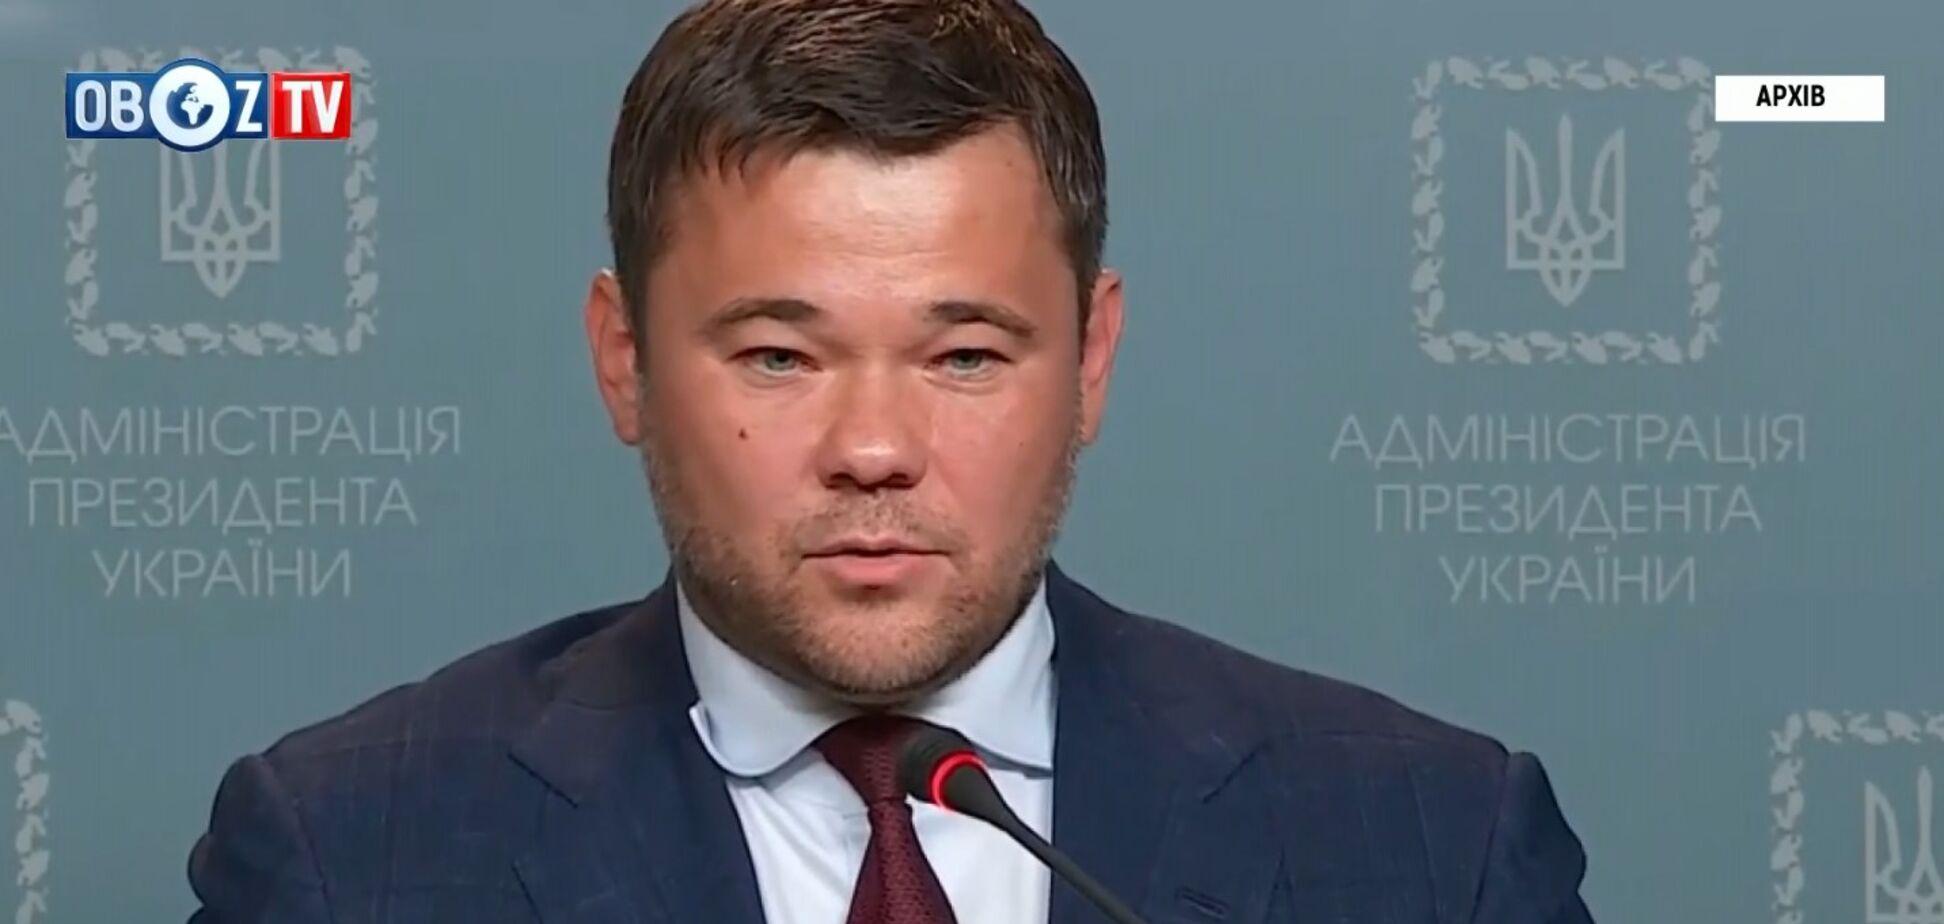 'Жил в свое удовольствие': Богдану припомнили скандальные выходки на посту главы ОП